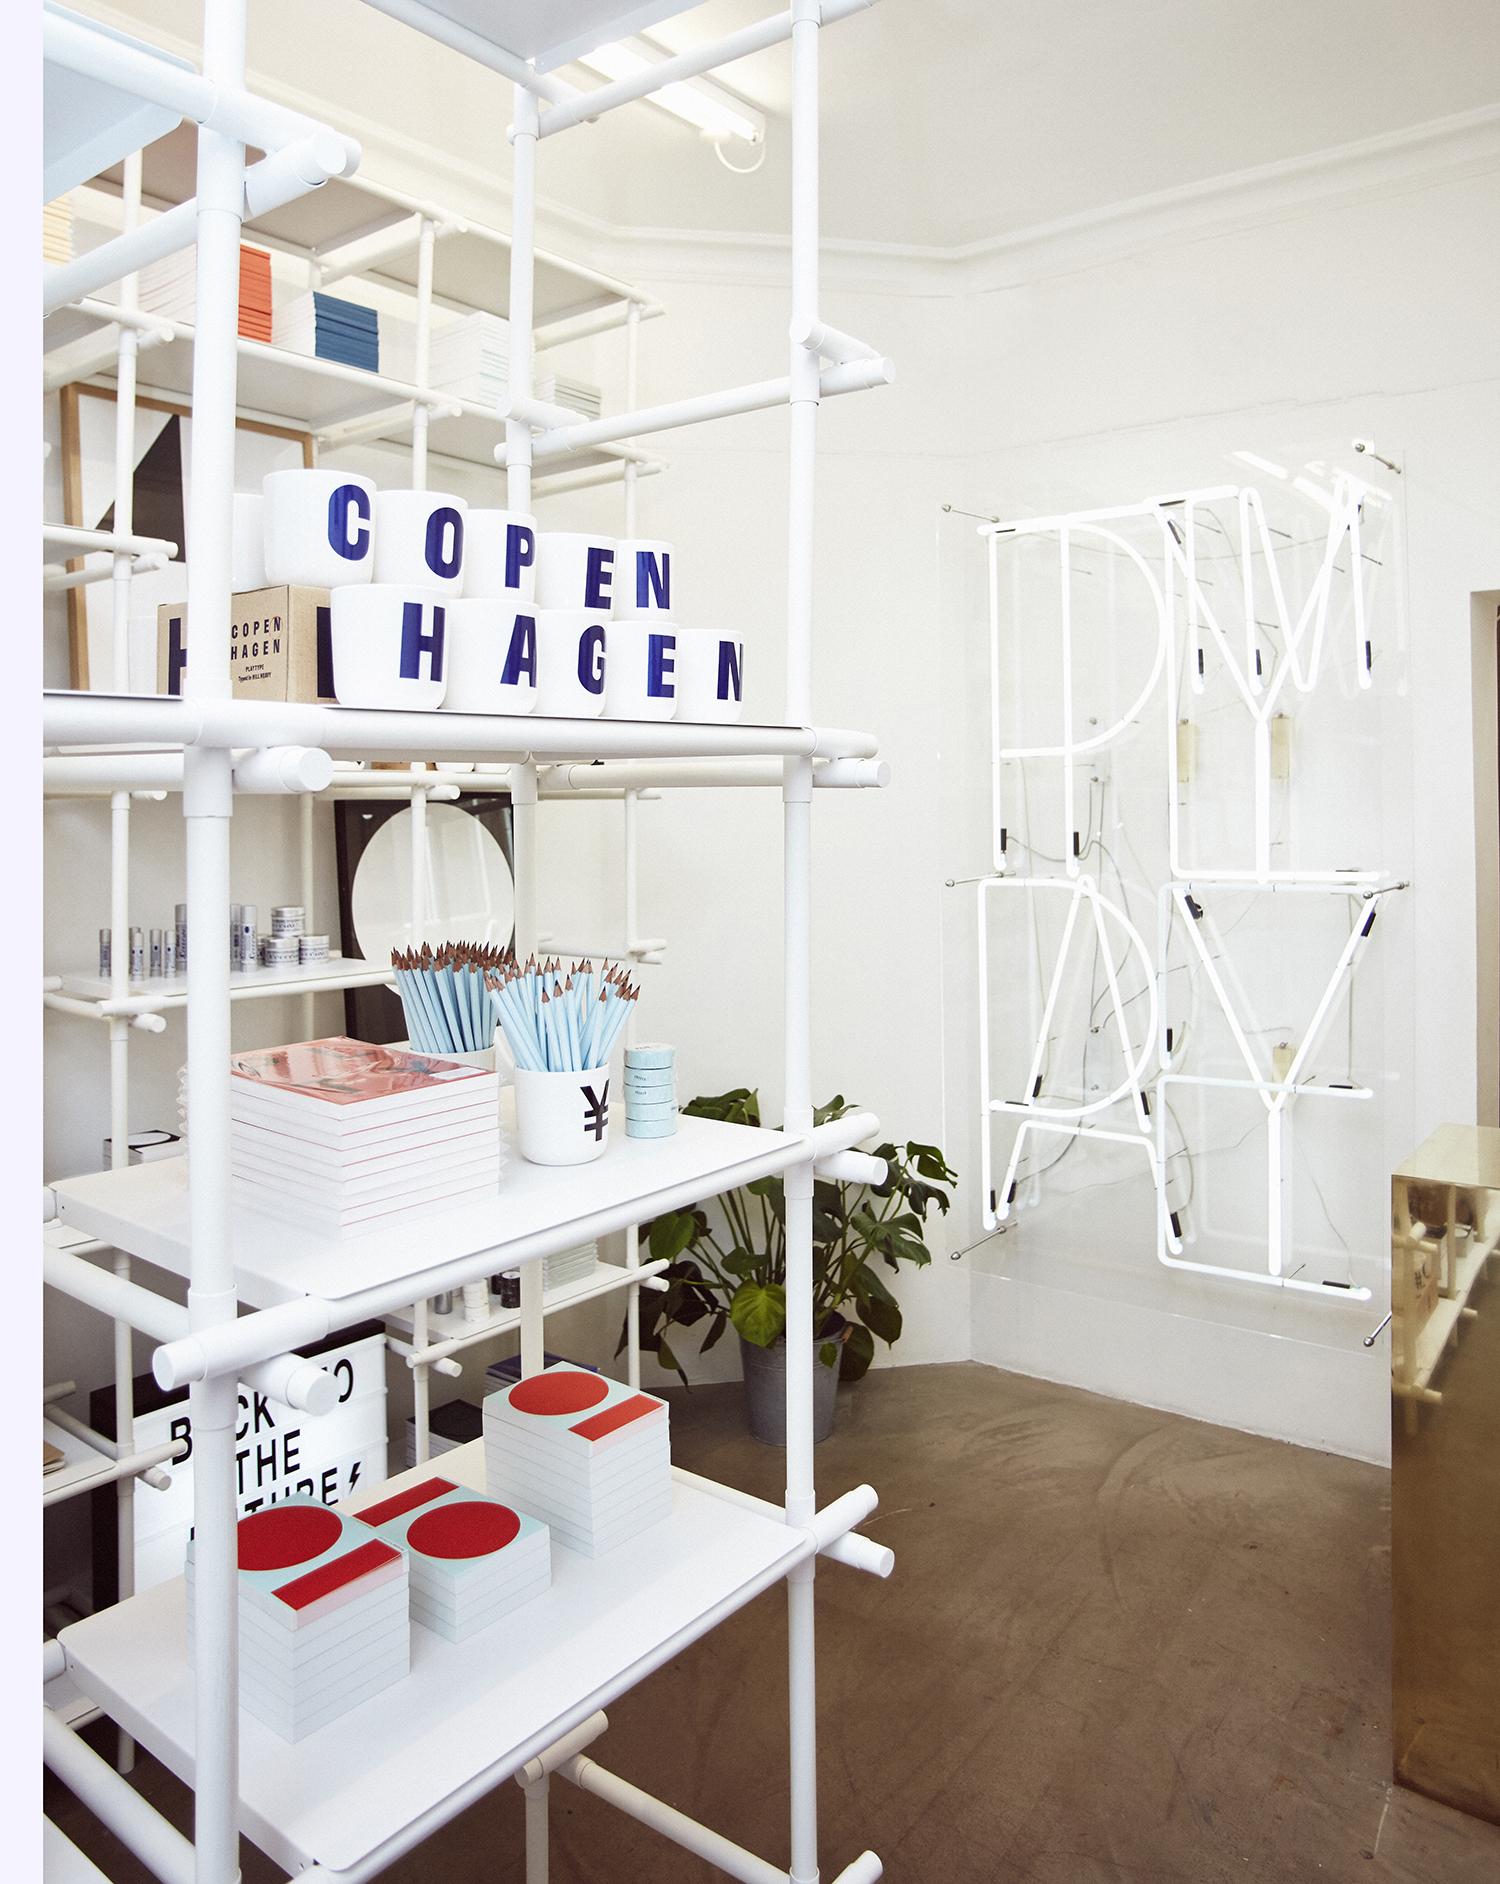 Playtype concept store Copenhagen